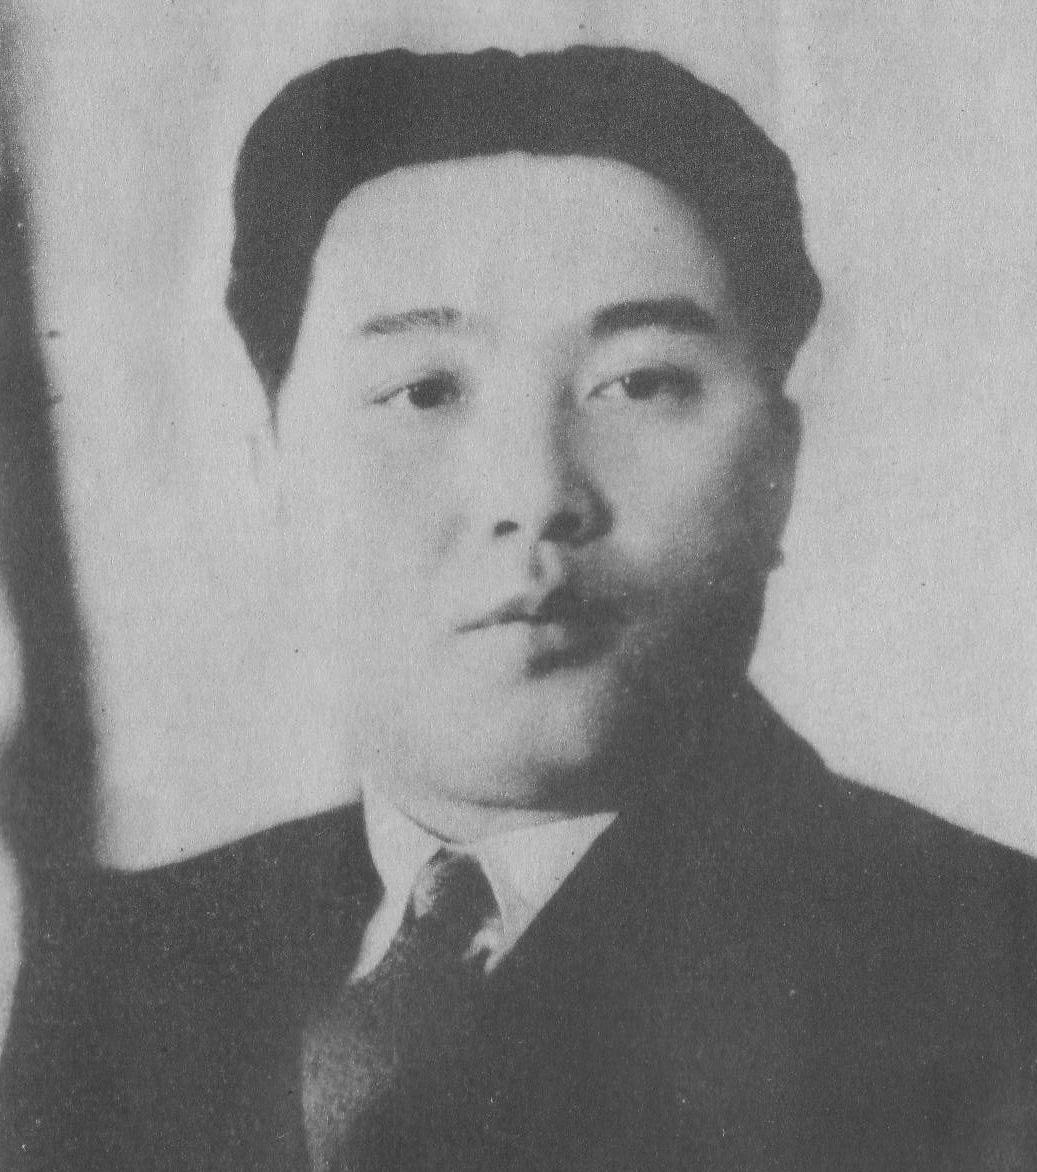 조선민주주의인민공화국 내각 수상 김일성